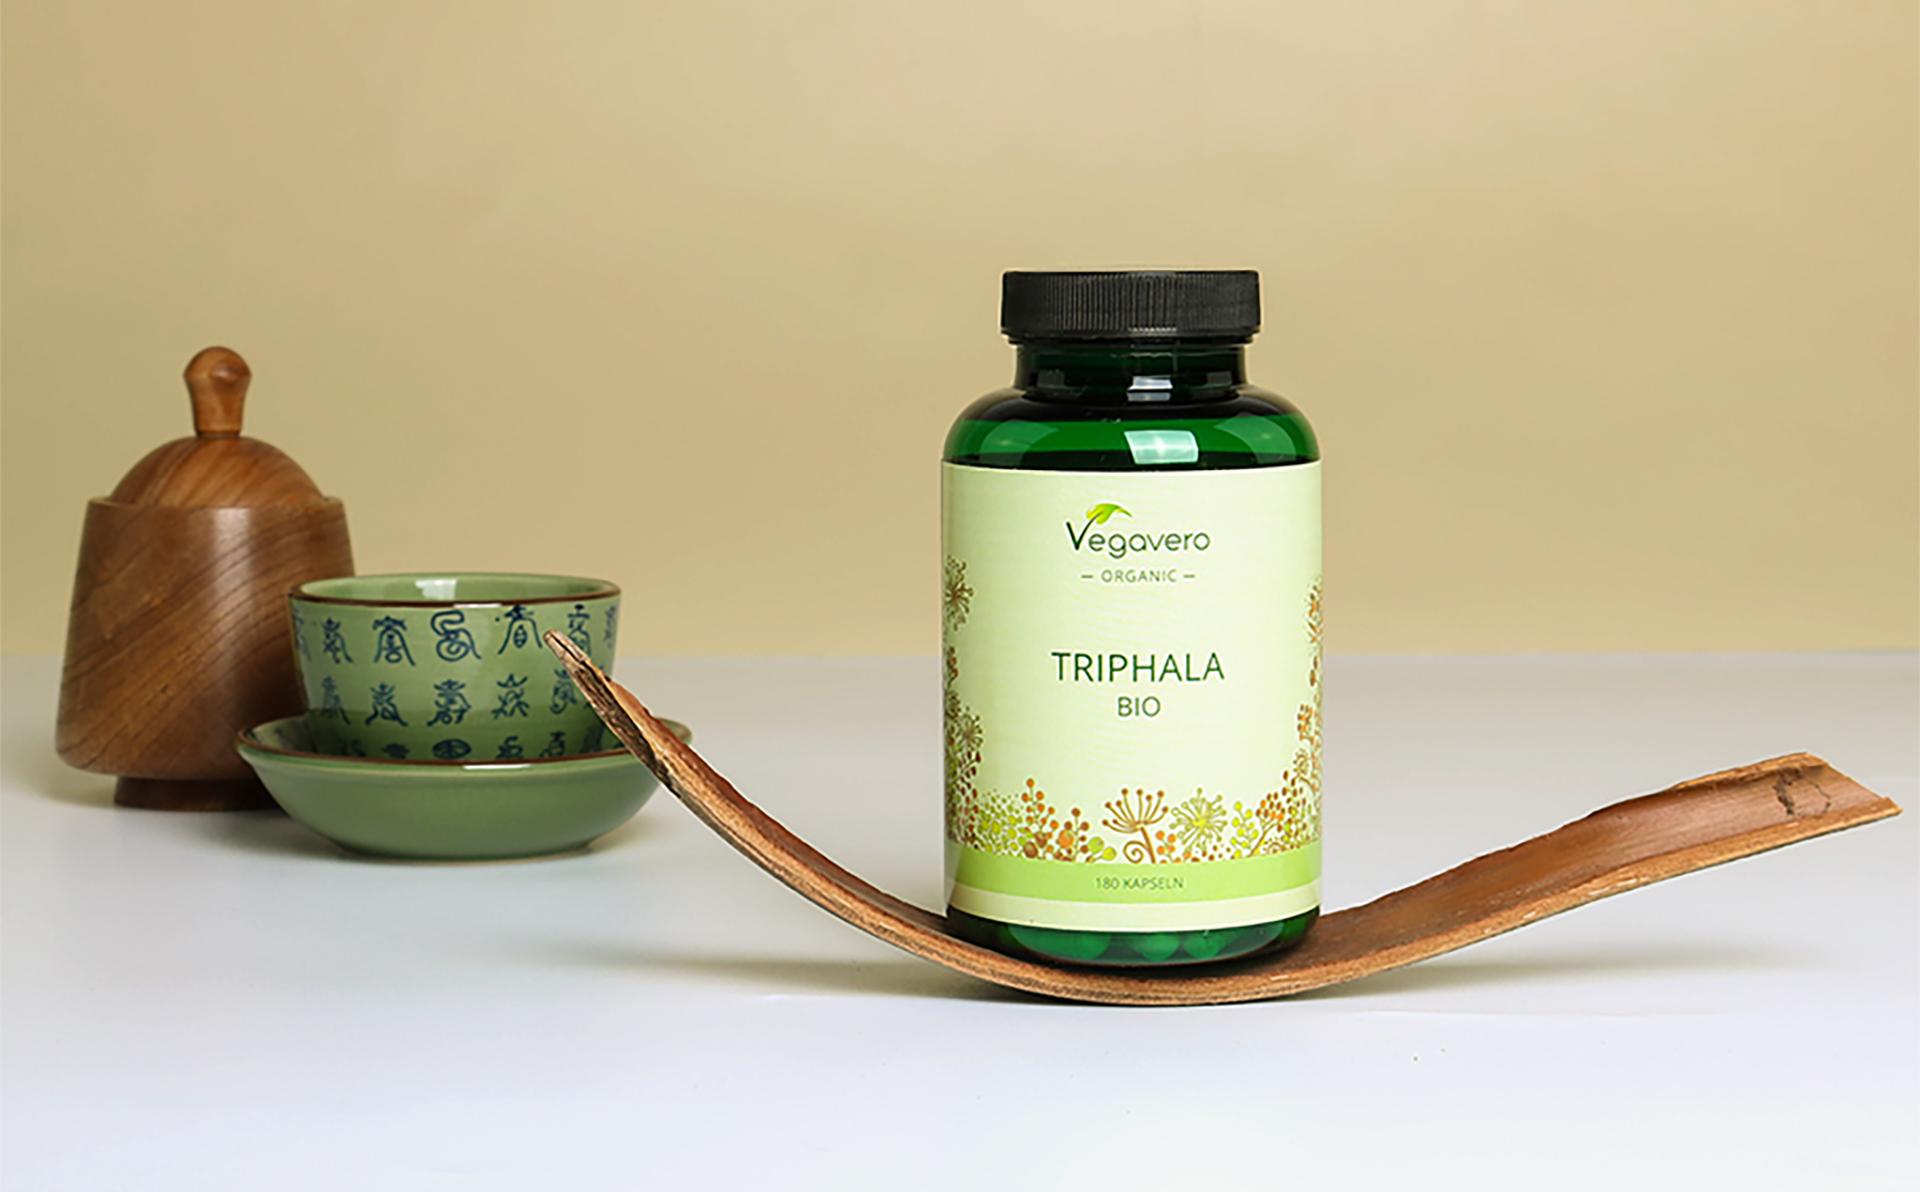 Triphala: proprietà e benefici di questo rimedio ayurveda naturale